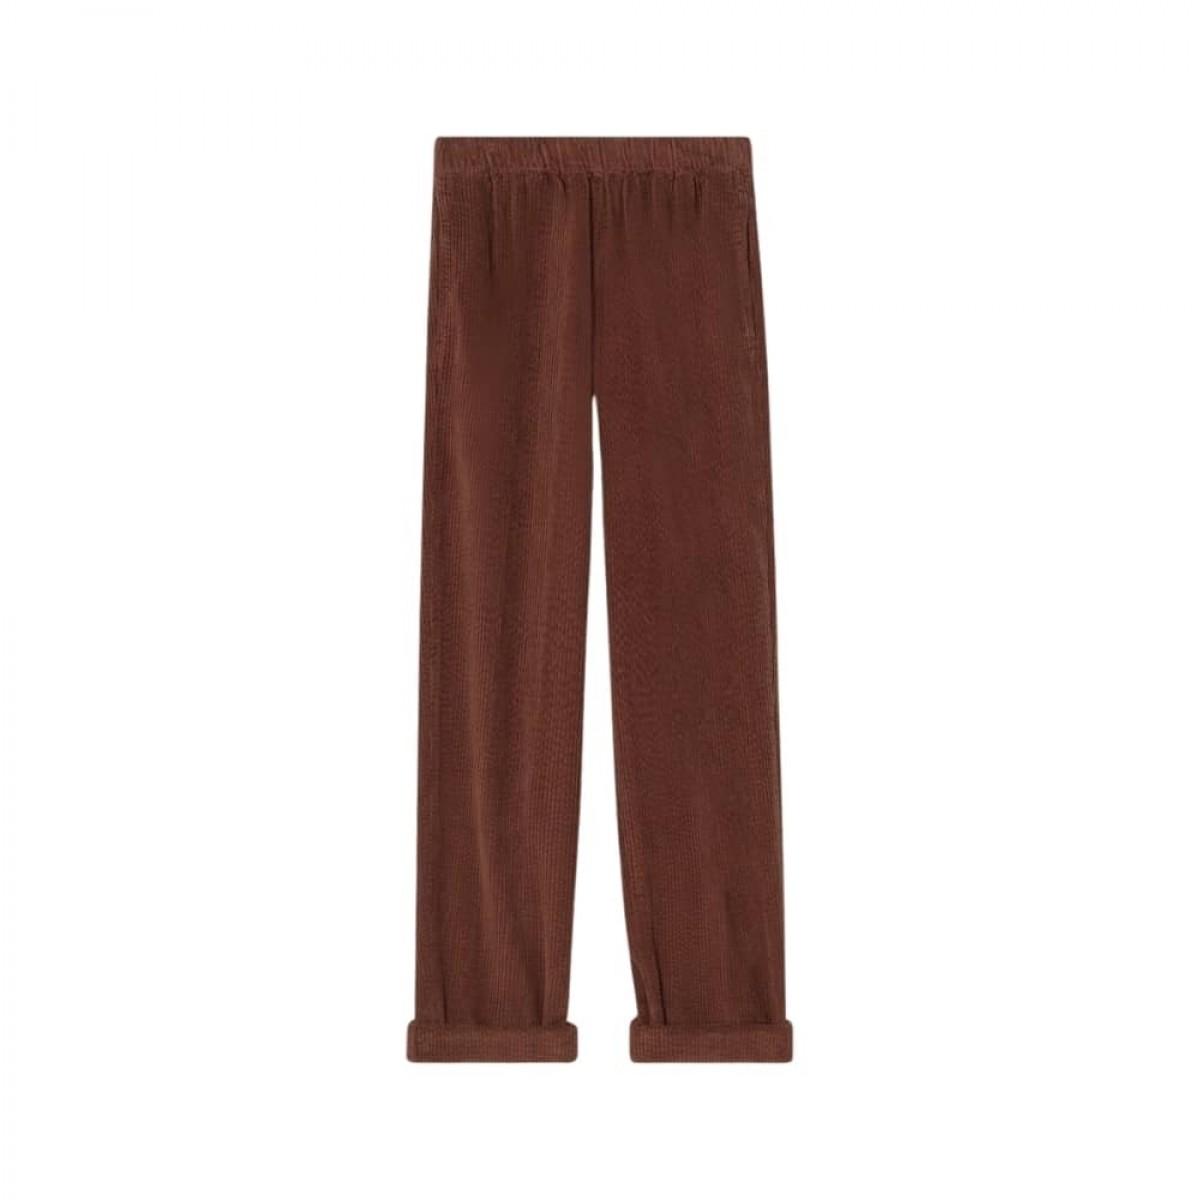 padow bukser - desire